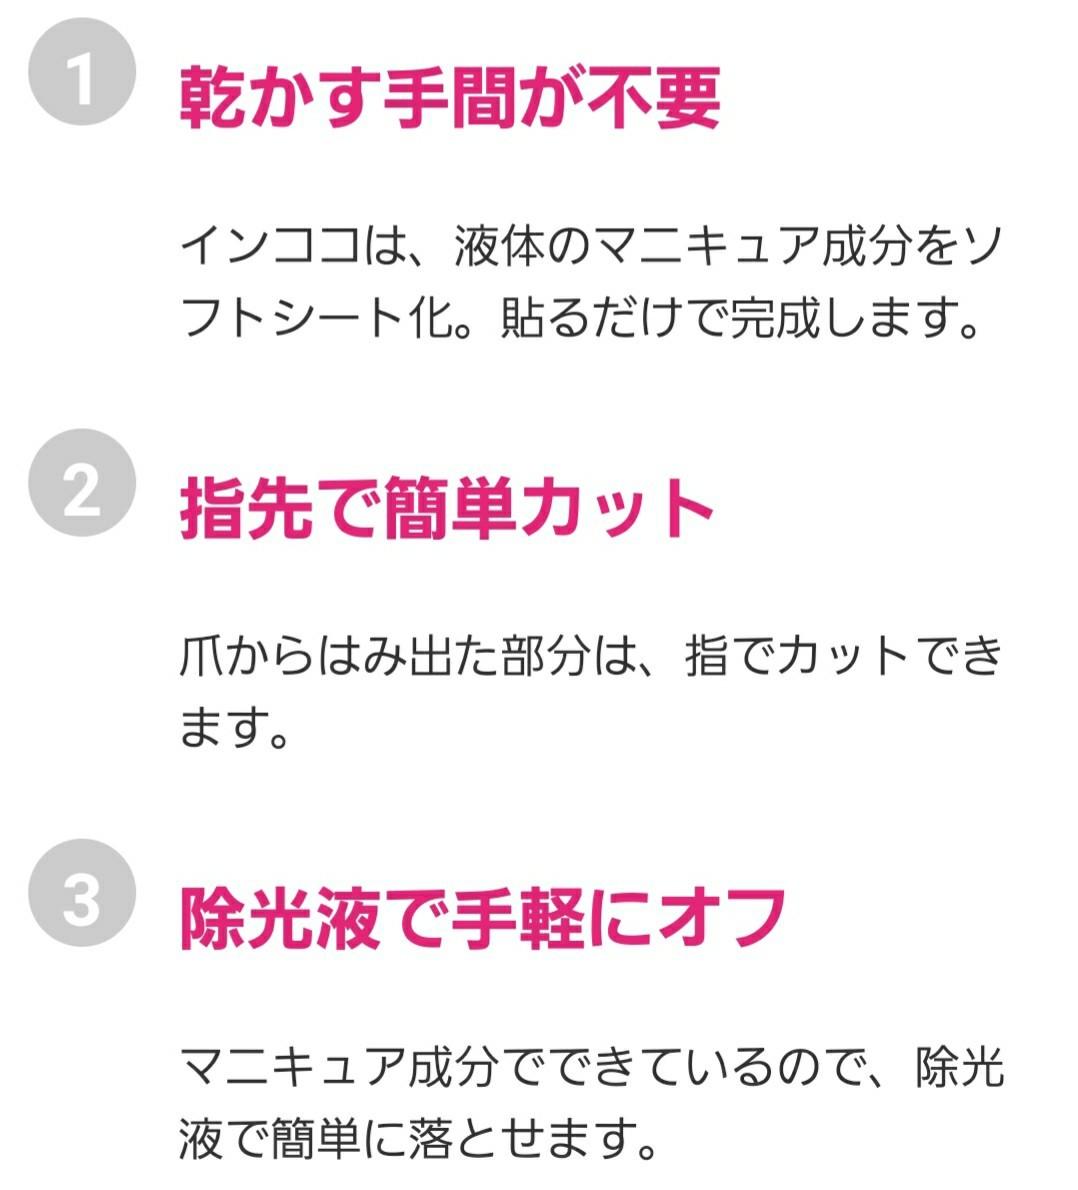 【クーポン使用で500円に♪貼るマニキュア】インココ (Momentum)